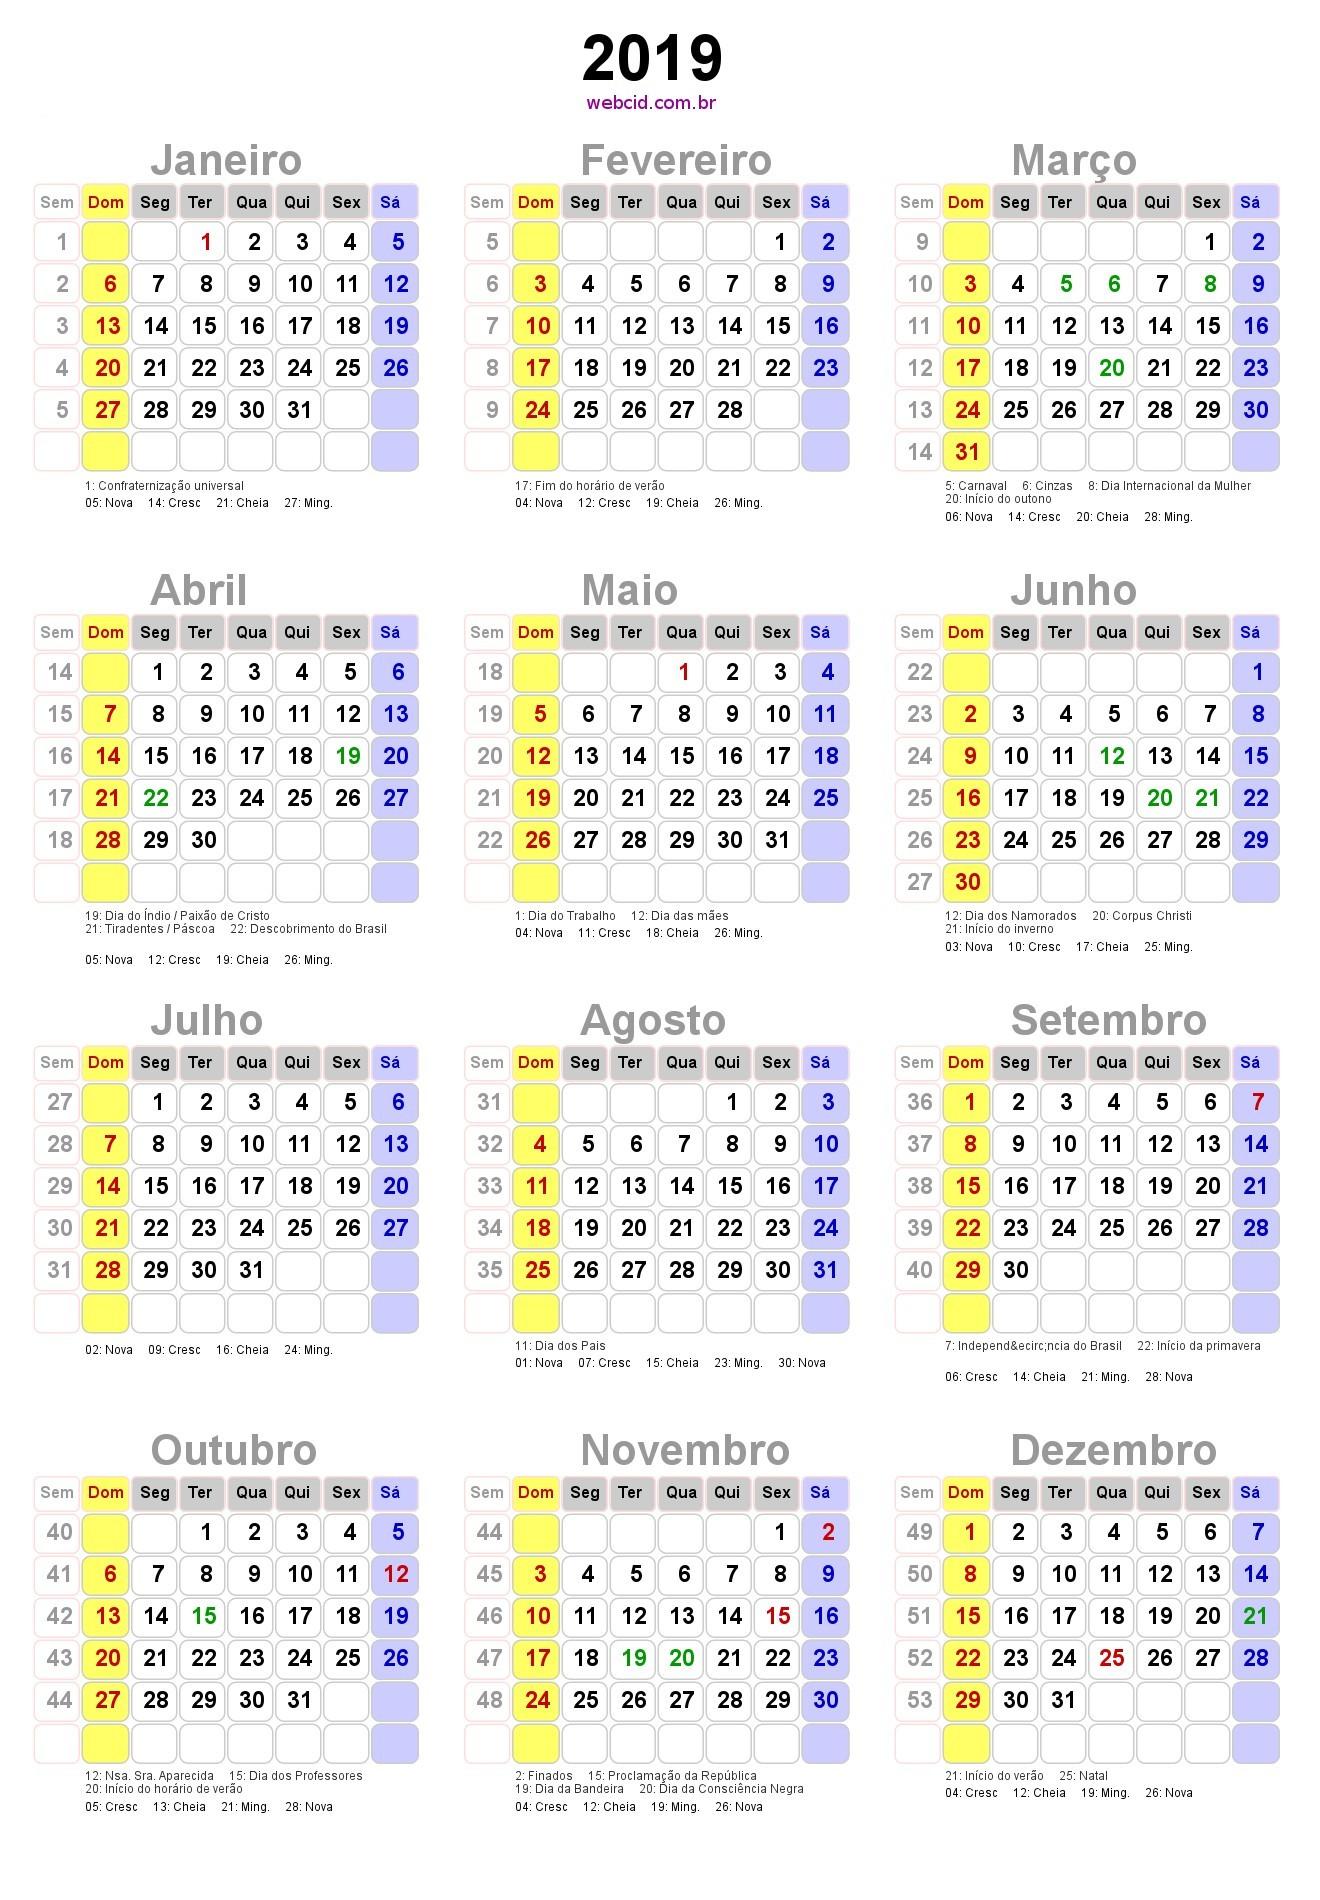 calendario 2020 rio mas arriba a fecha calendario 2019 br arparis of calendario 2020 rio